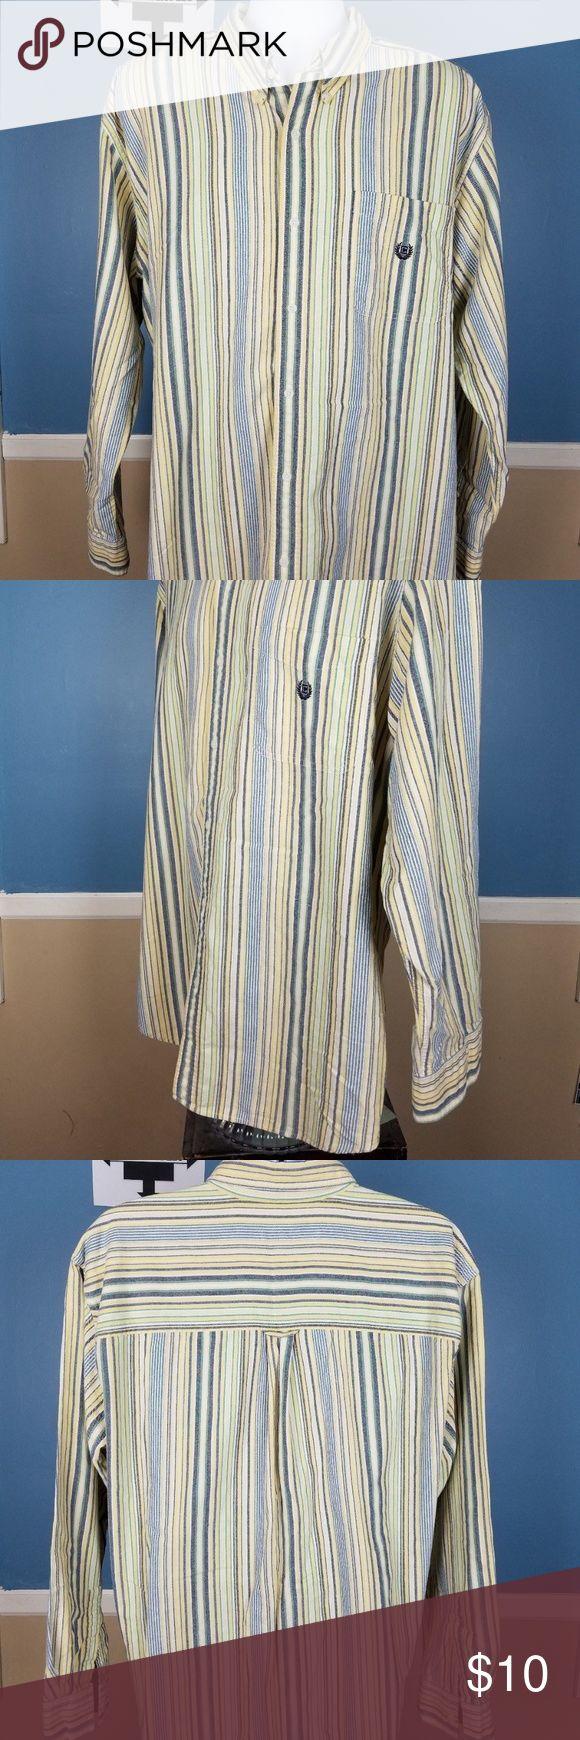 Mens CHAPS Dress Shirt Long Sleeve XL Strip Button Mens CHAPS Dress Shirt Long Sleeve XL Strip Button Down Yellow Casual C5 Chaps Shirts Casual Button Down Shirts